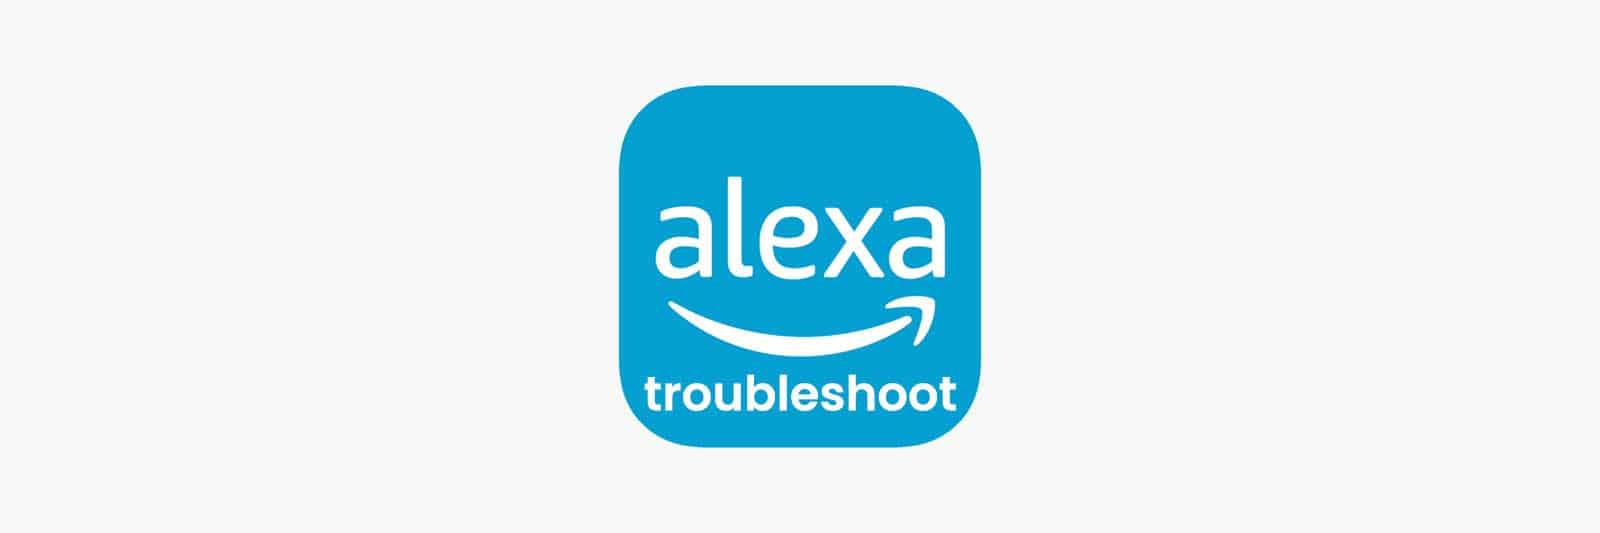 alexa-not-working